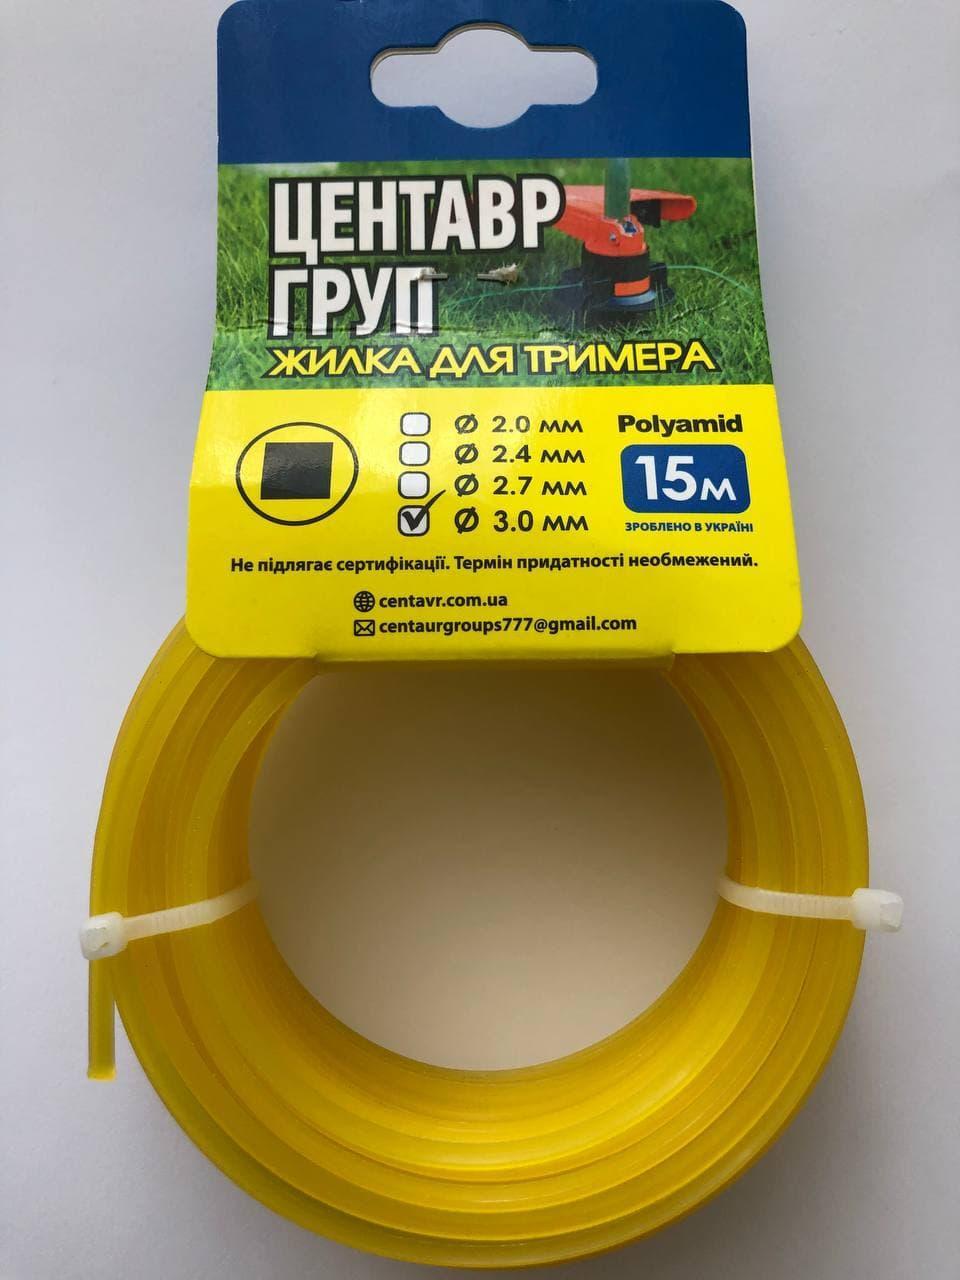 Лісочка для тріммера квадрат 2.0 мм. 15 метрів